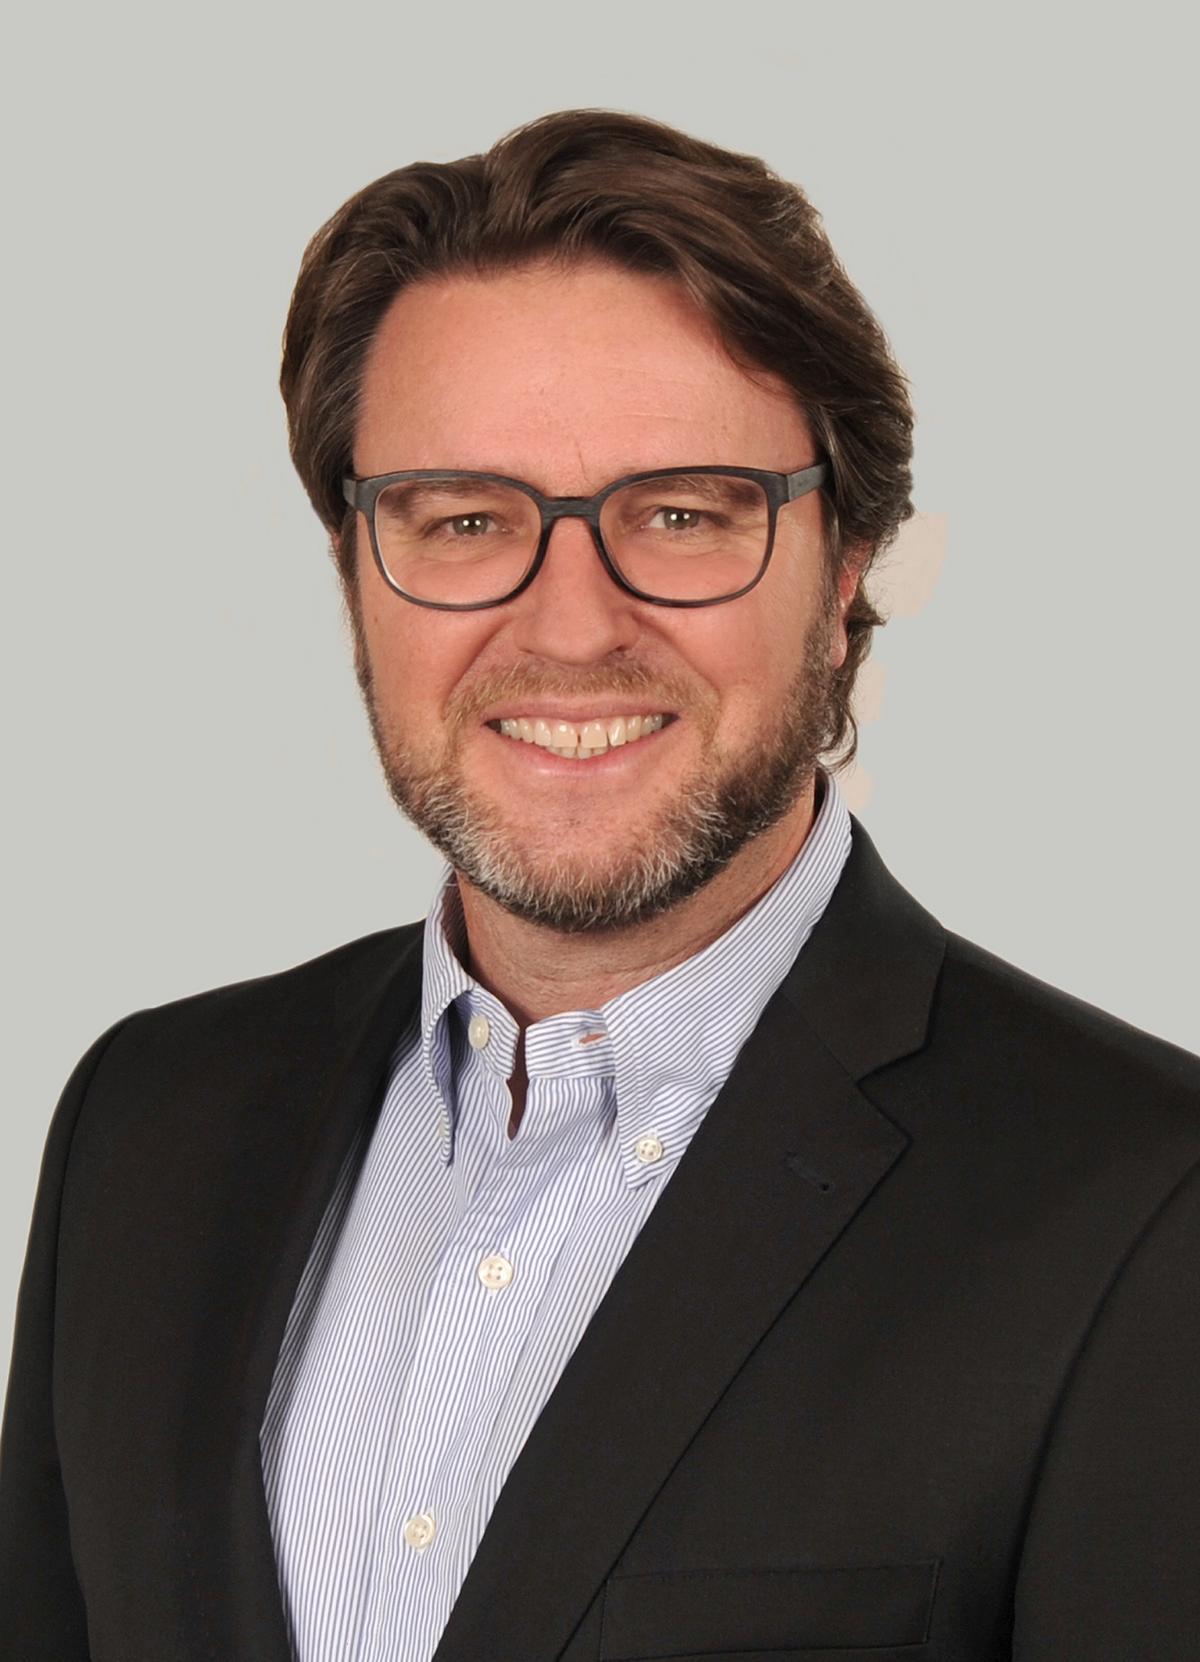 Olaf Althaus